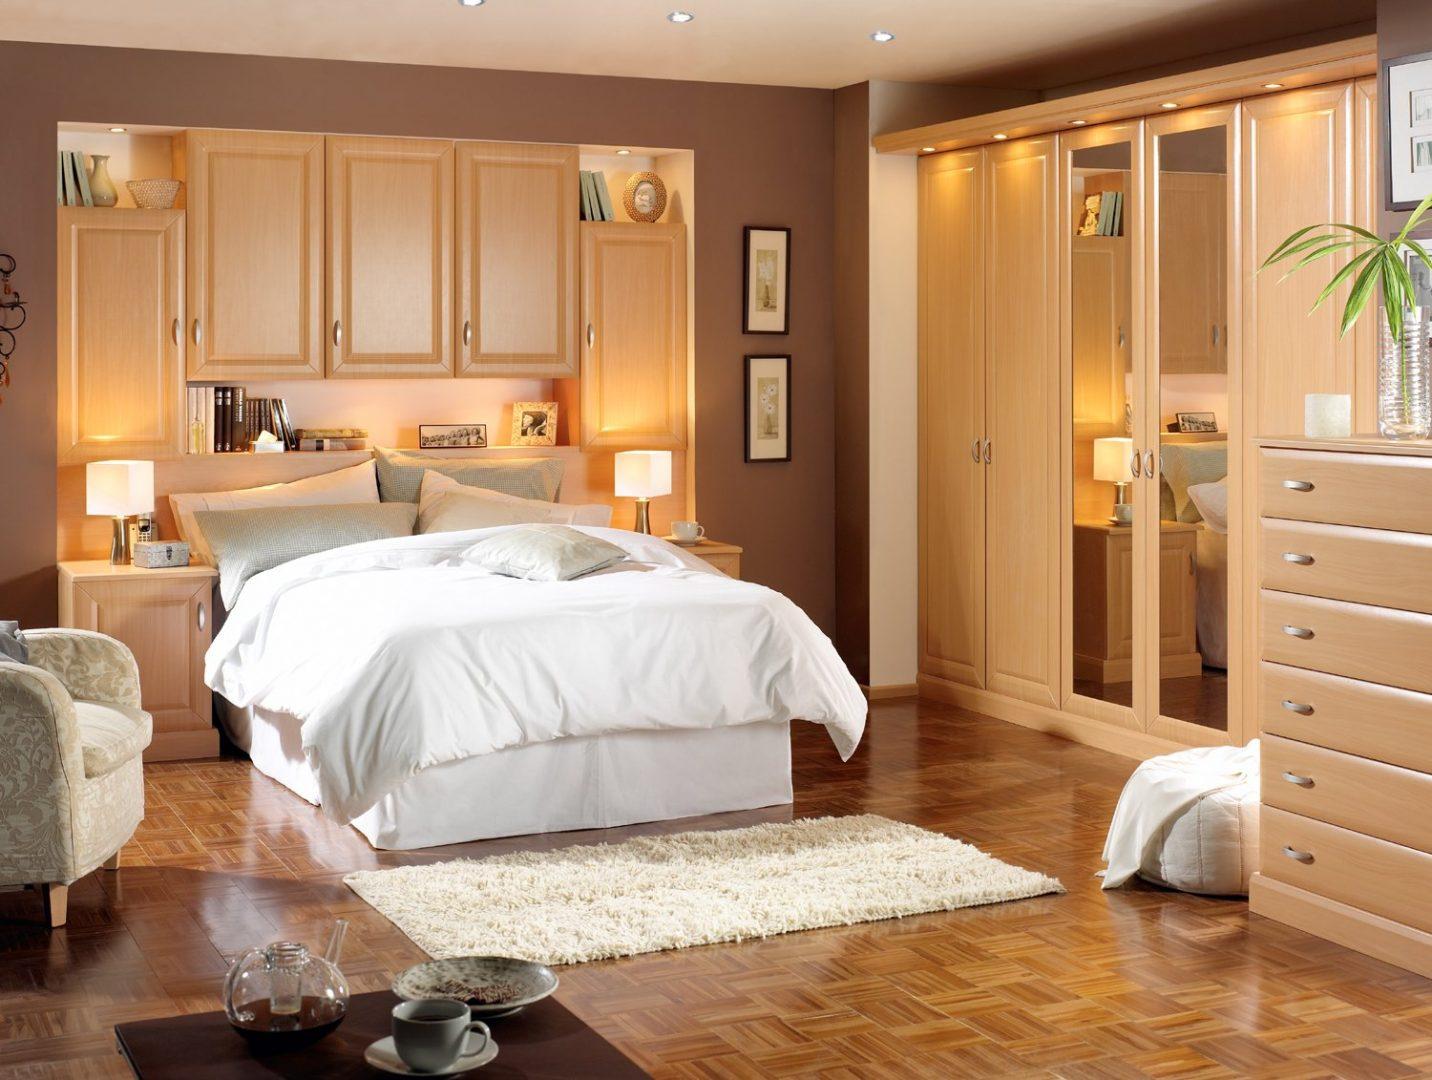 Dormitorio de matrimonio cl sico im genes y fotos - Visillos para dormitorios ...